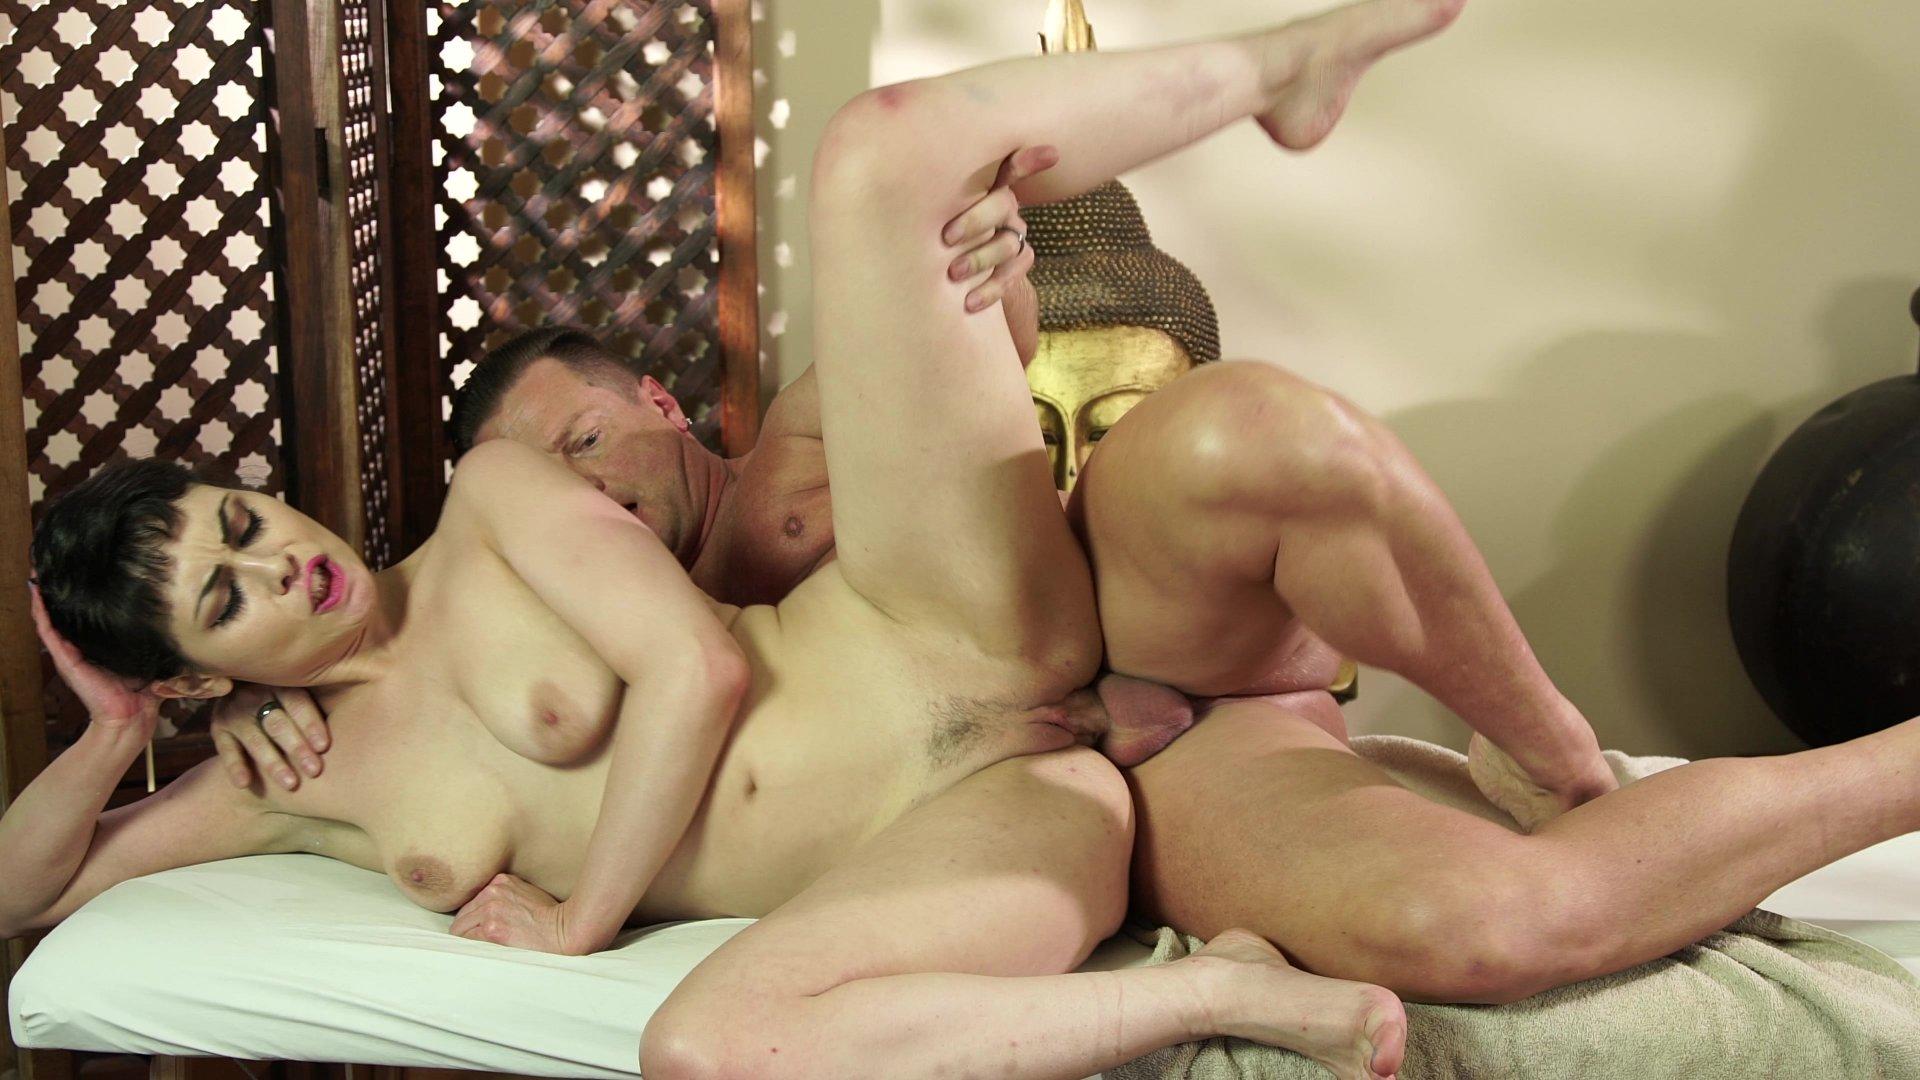 hierontaa riihimäki anime porn homo video